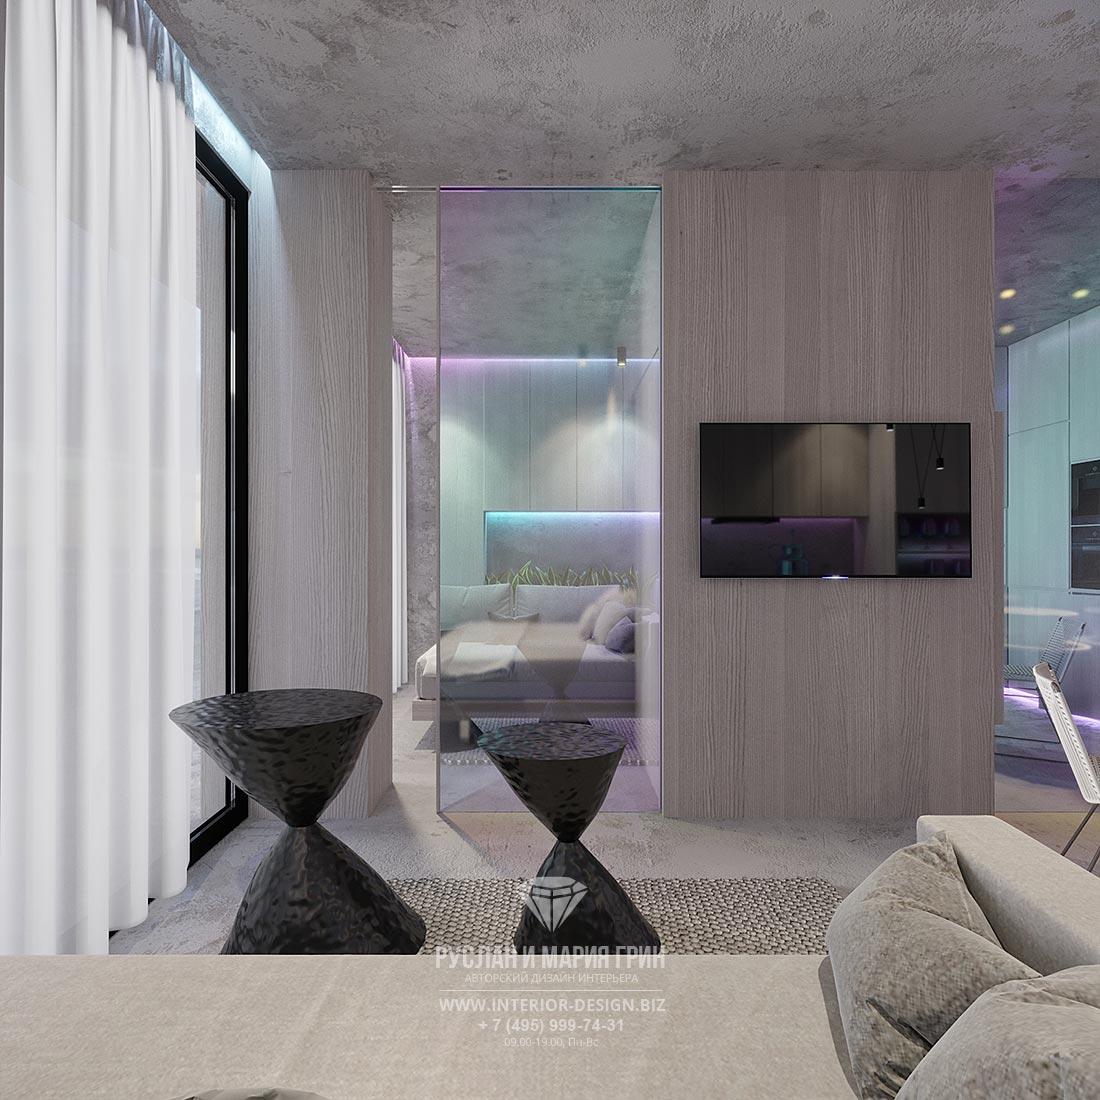 Интерьер квартиры-студии в современном стиле со стеклянной дверью